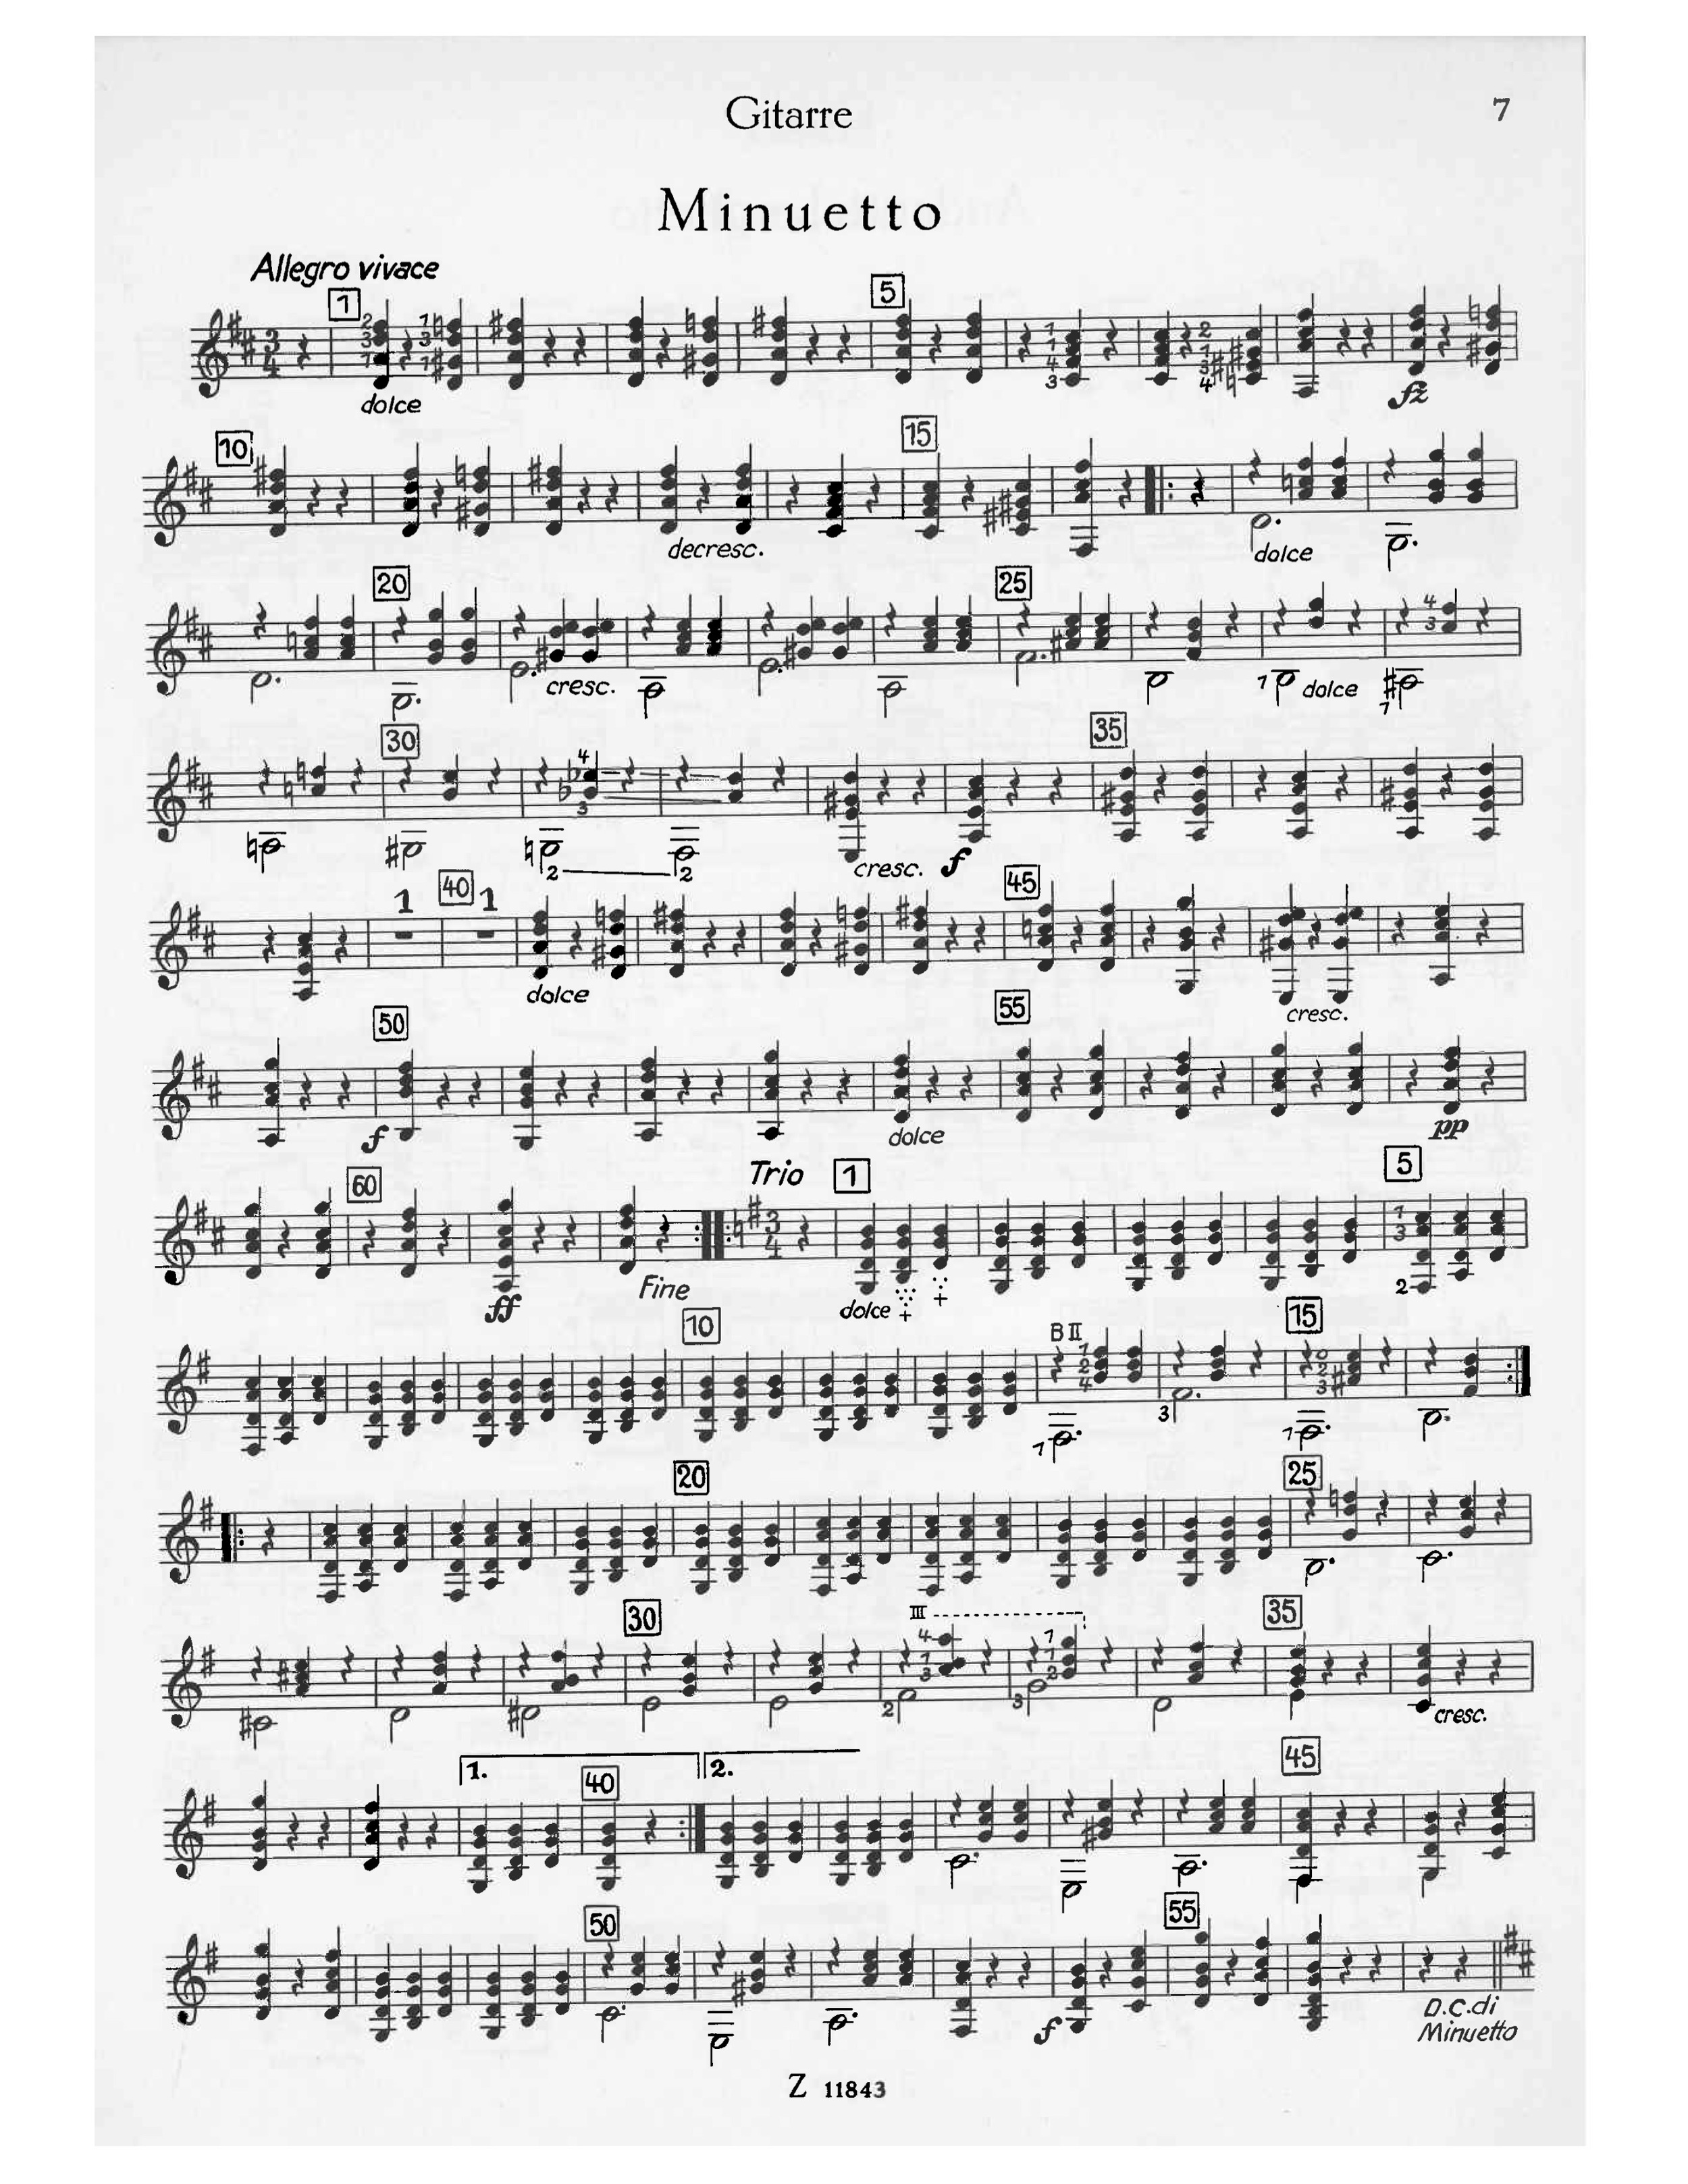 Nicolo Paganini - Excerpt from Trio Concertante